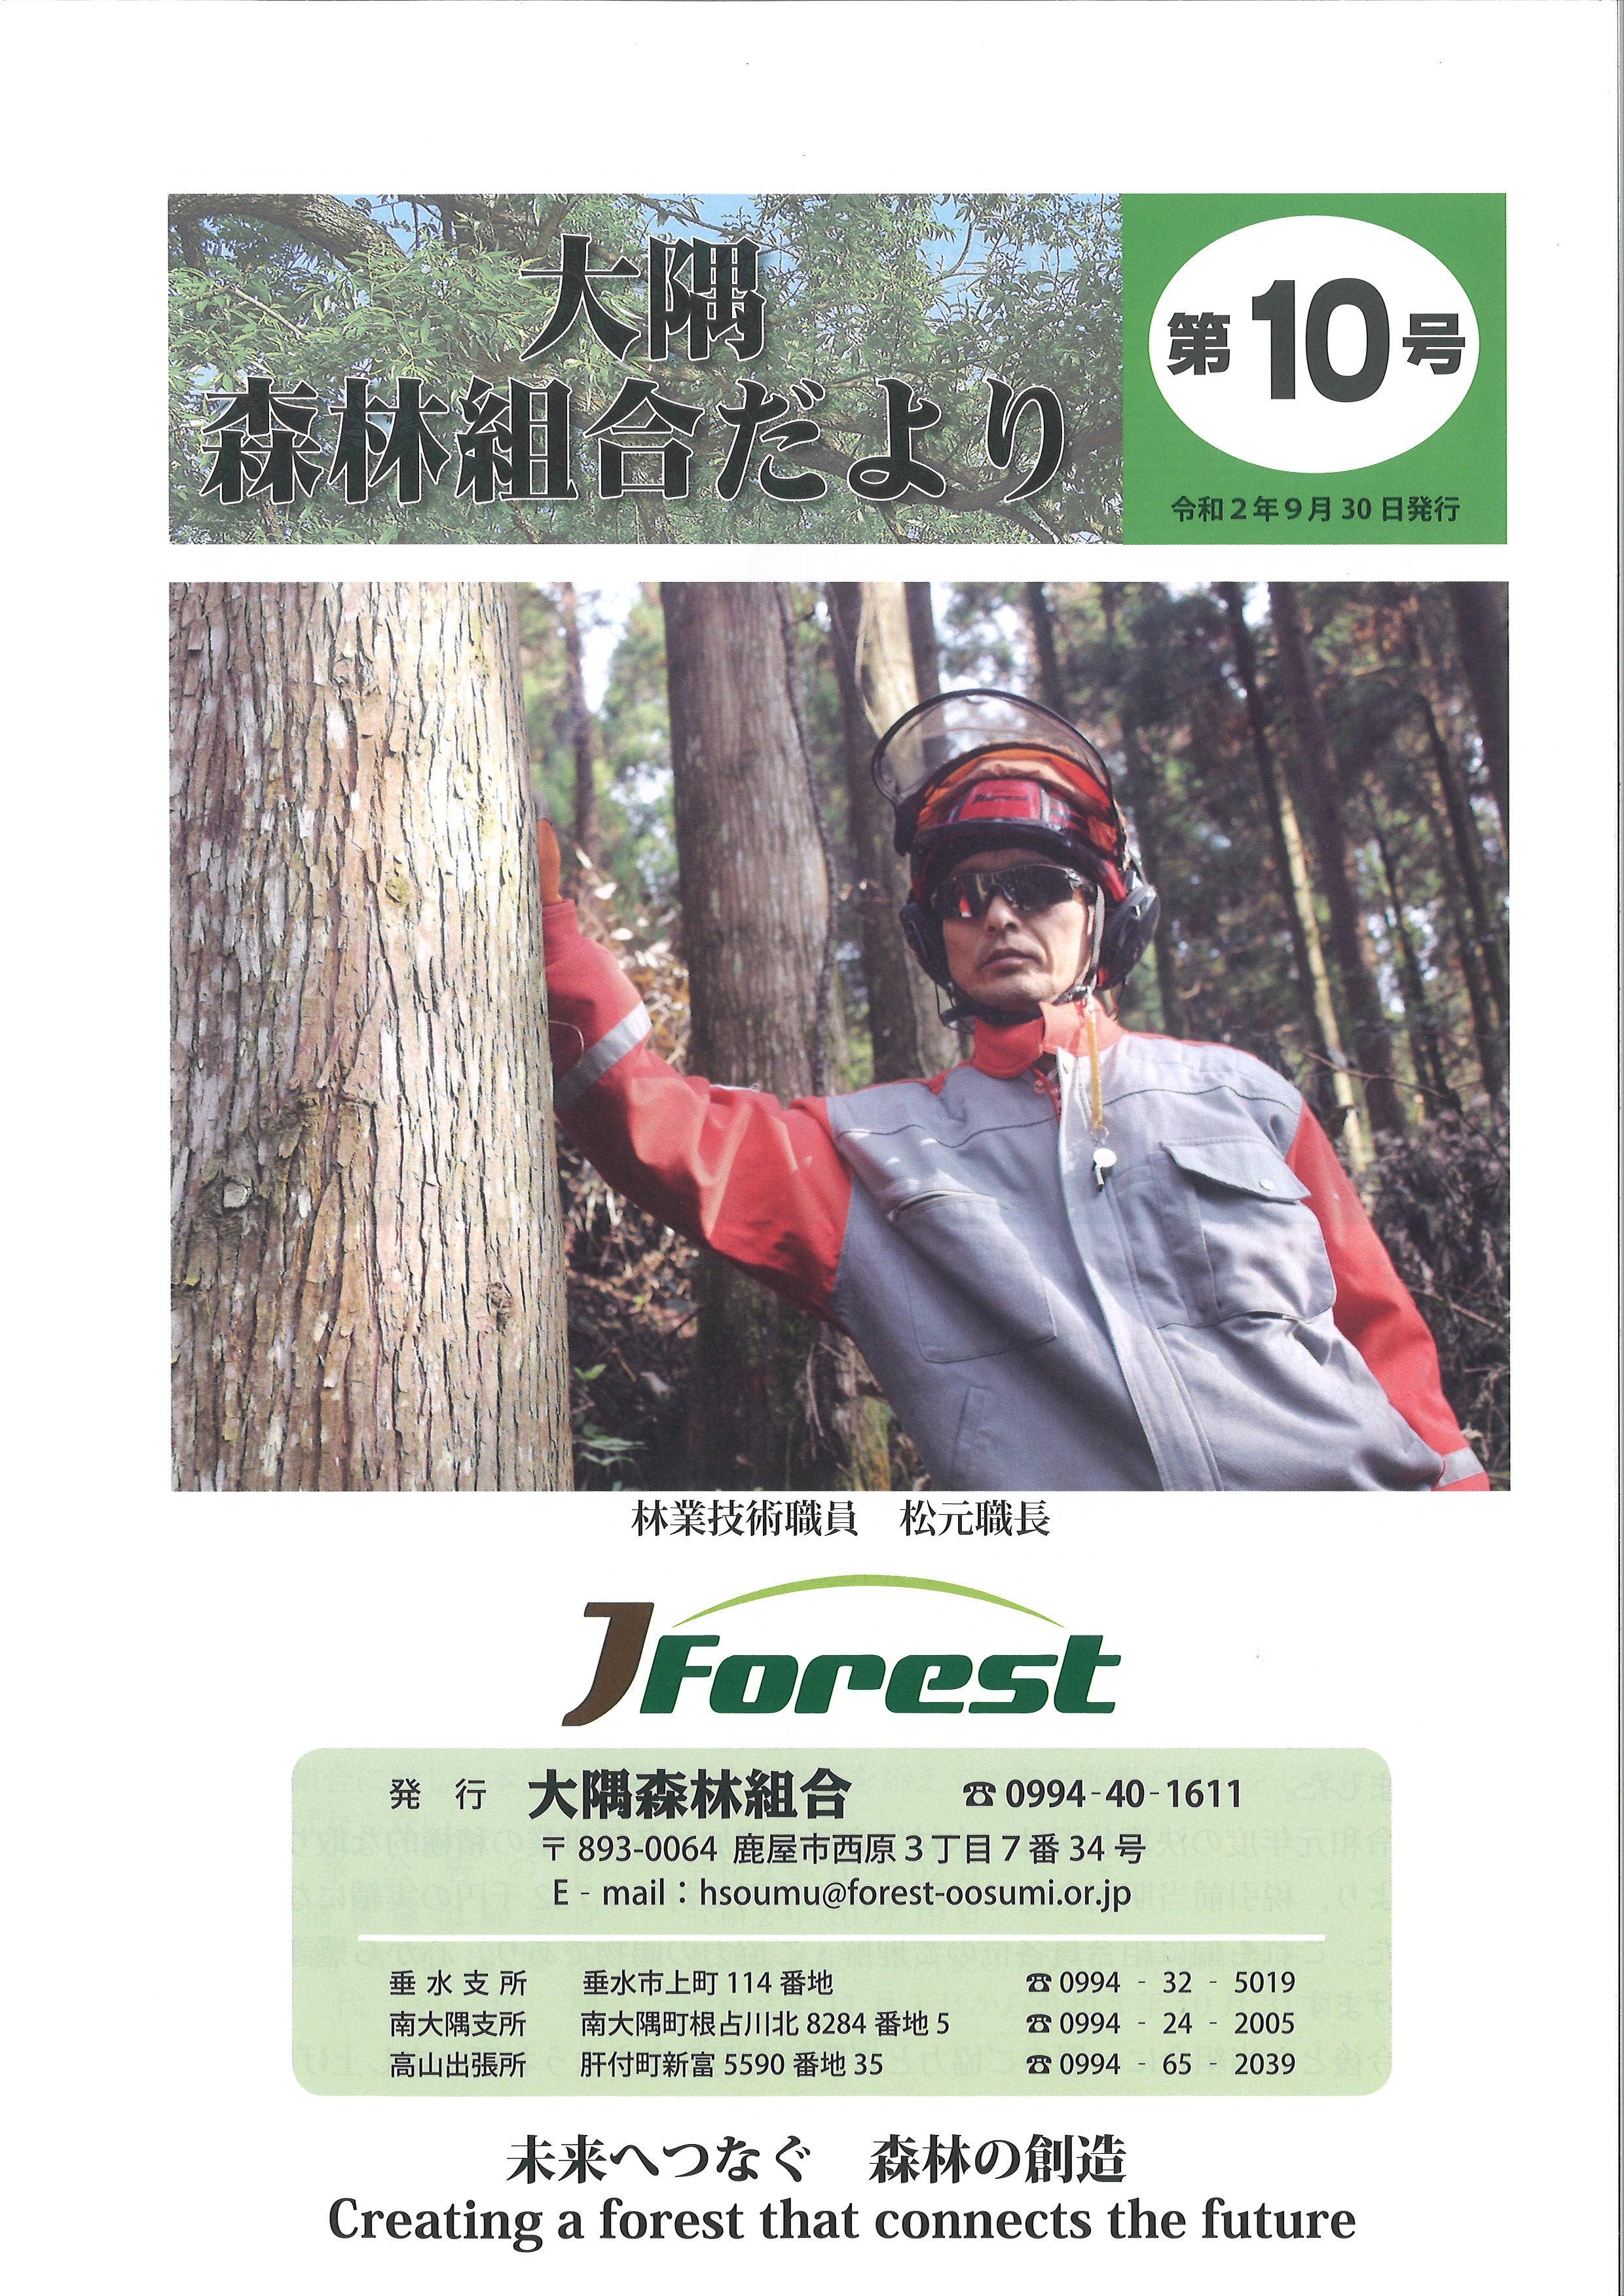 大隅森林組合だより 第10号